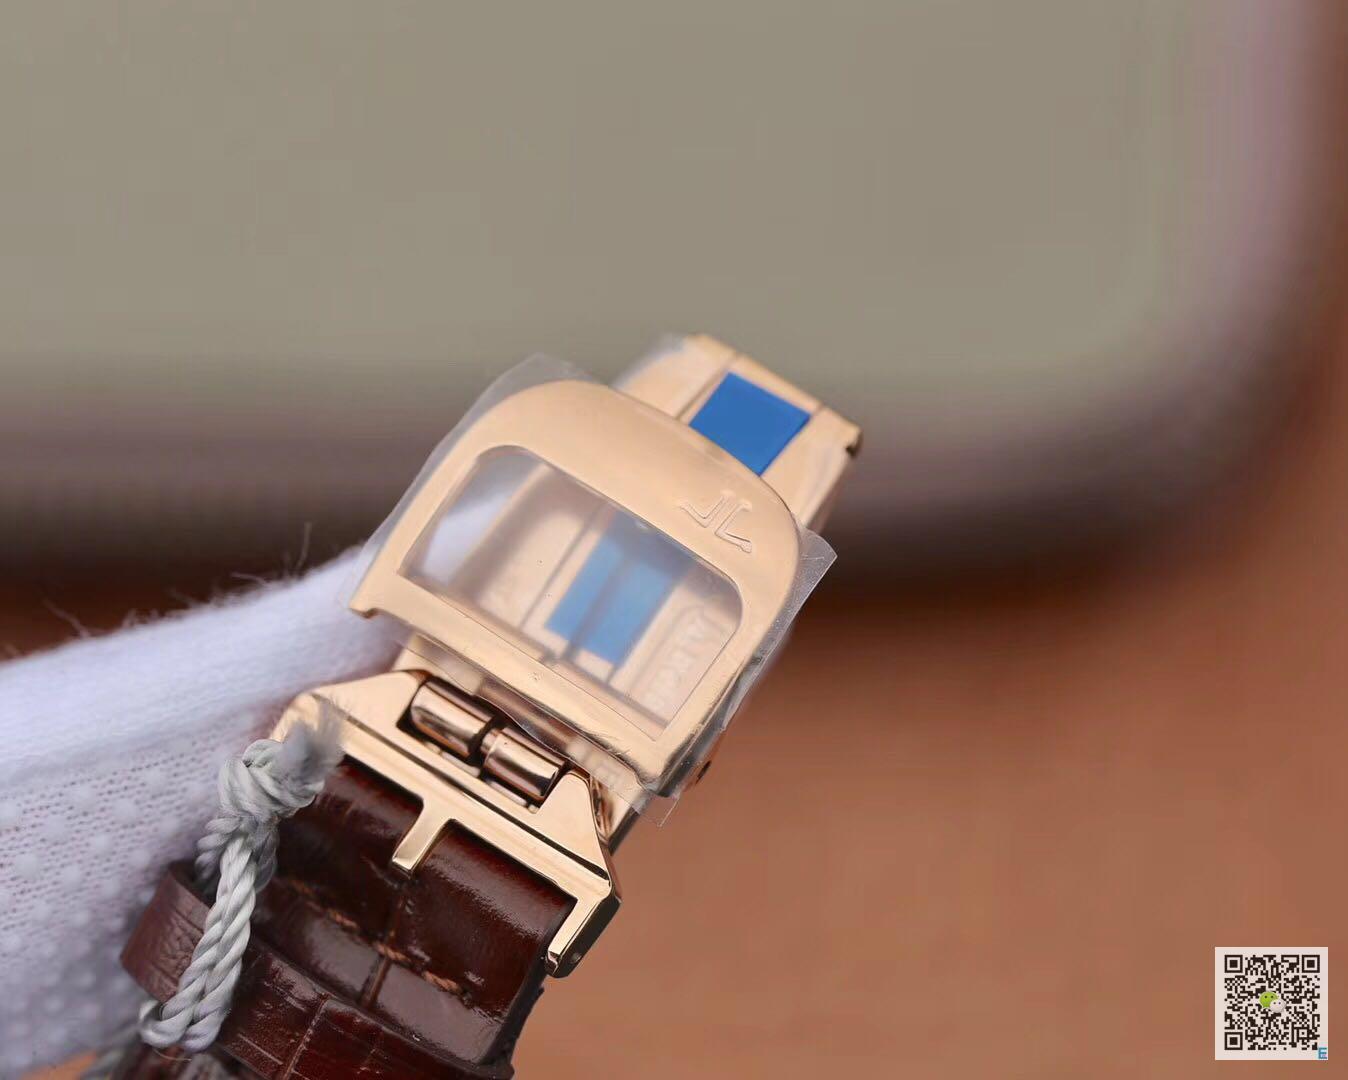 一比一高仿【ZF厂出品】积家机械男表 积家大师系列1542520腕表价格_多少钱_报价-实名表业高仿手表商城